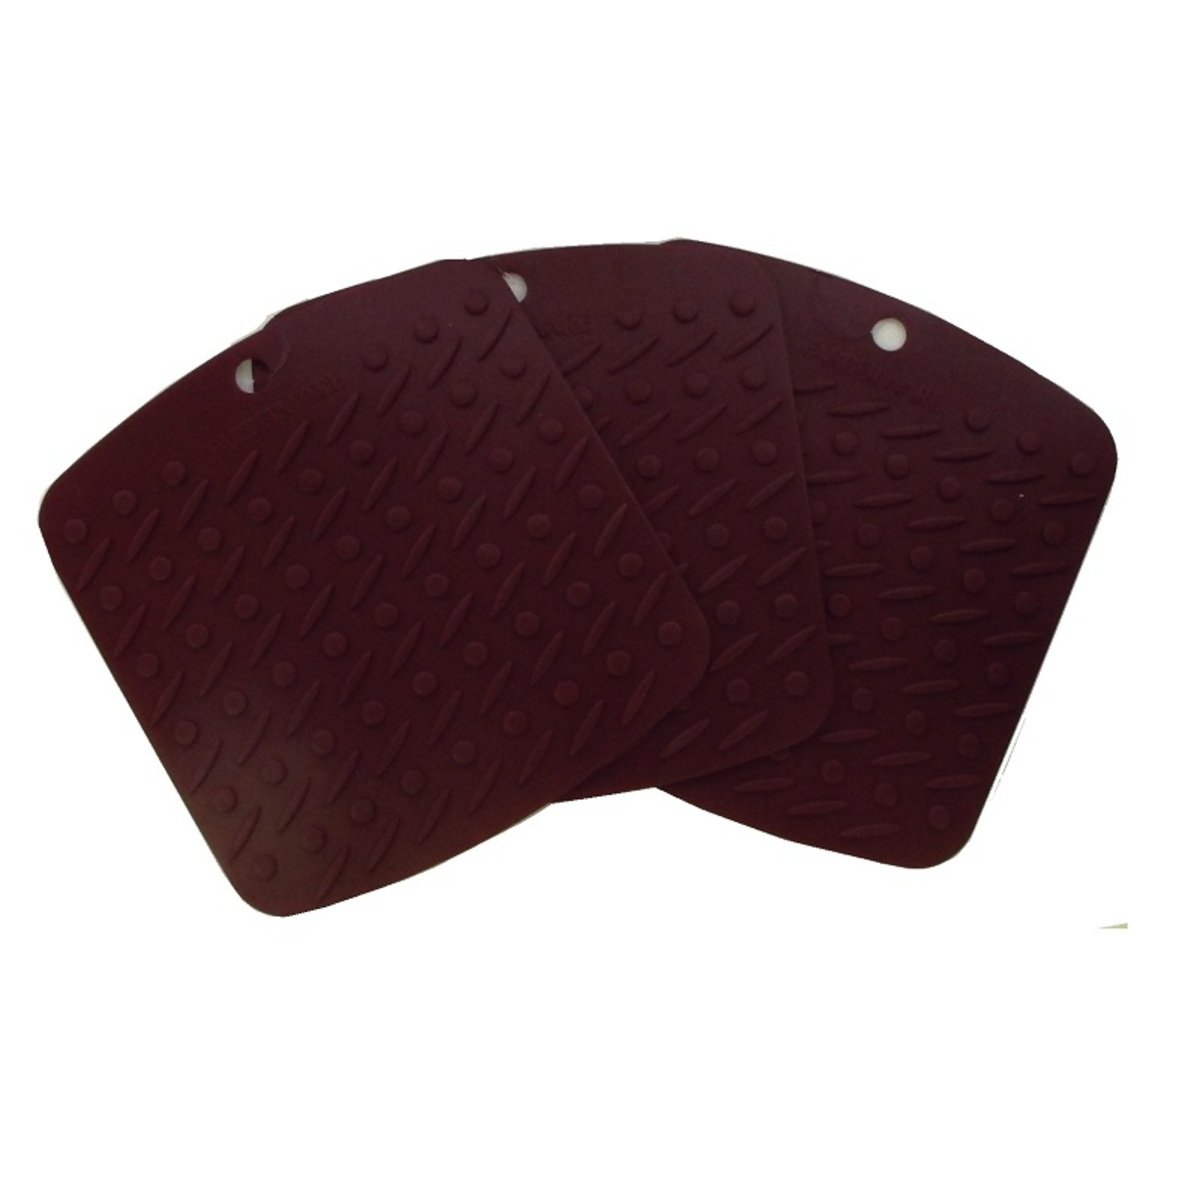 多功能耐熱墊/鍋墊 (硅膠材料)-紫色